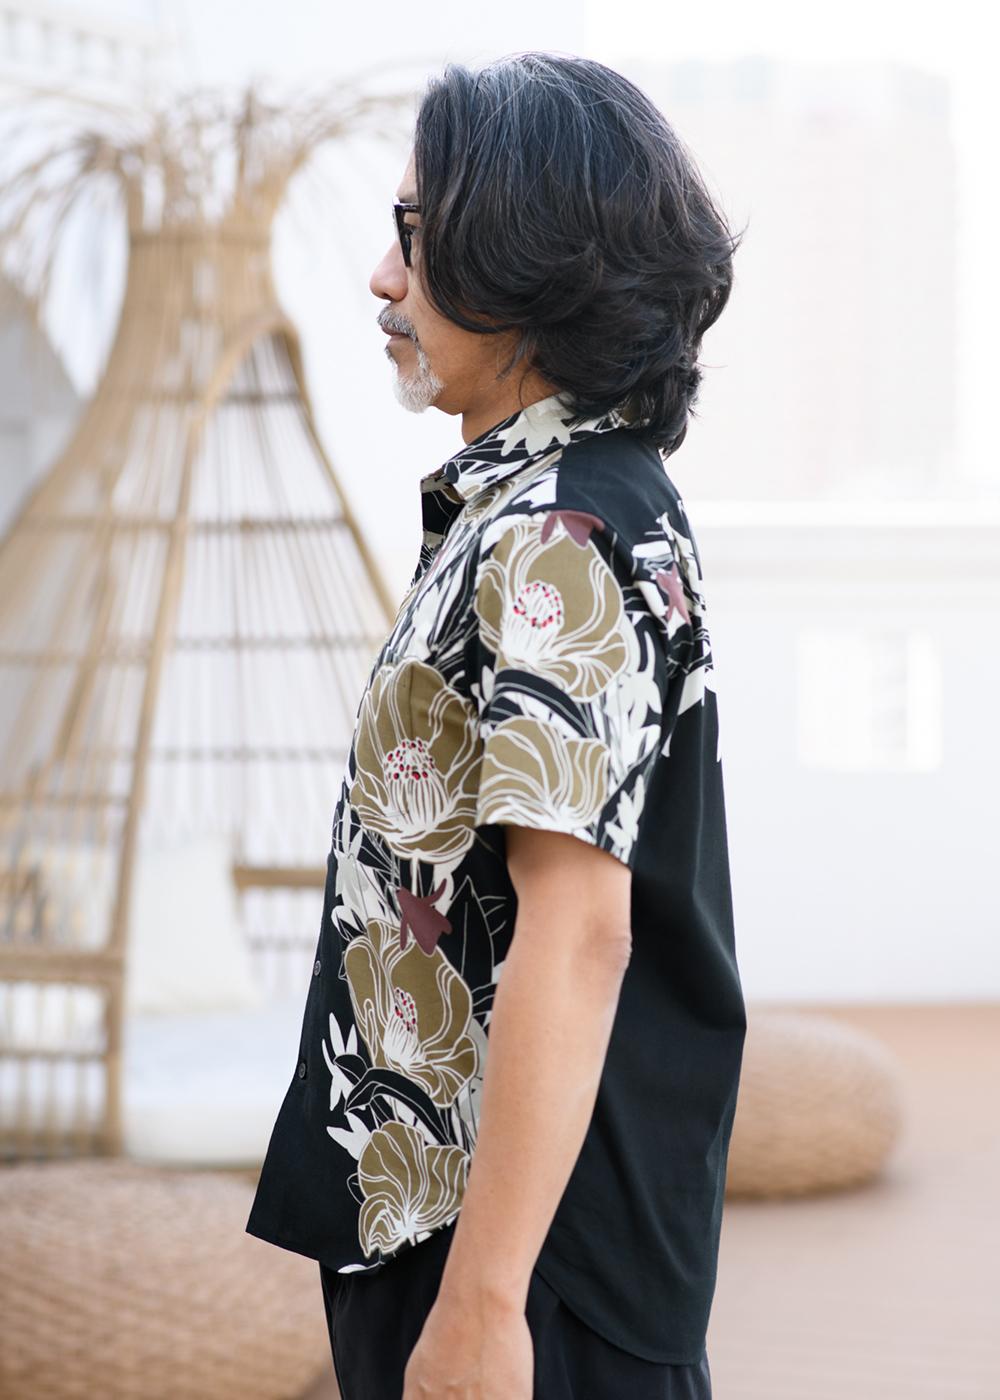 かりゆしウェア(沖縄版アロハシャツ) MAJUN - カミューリアーク